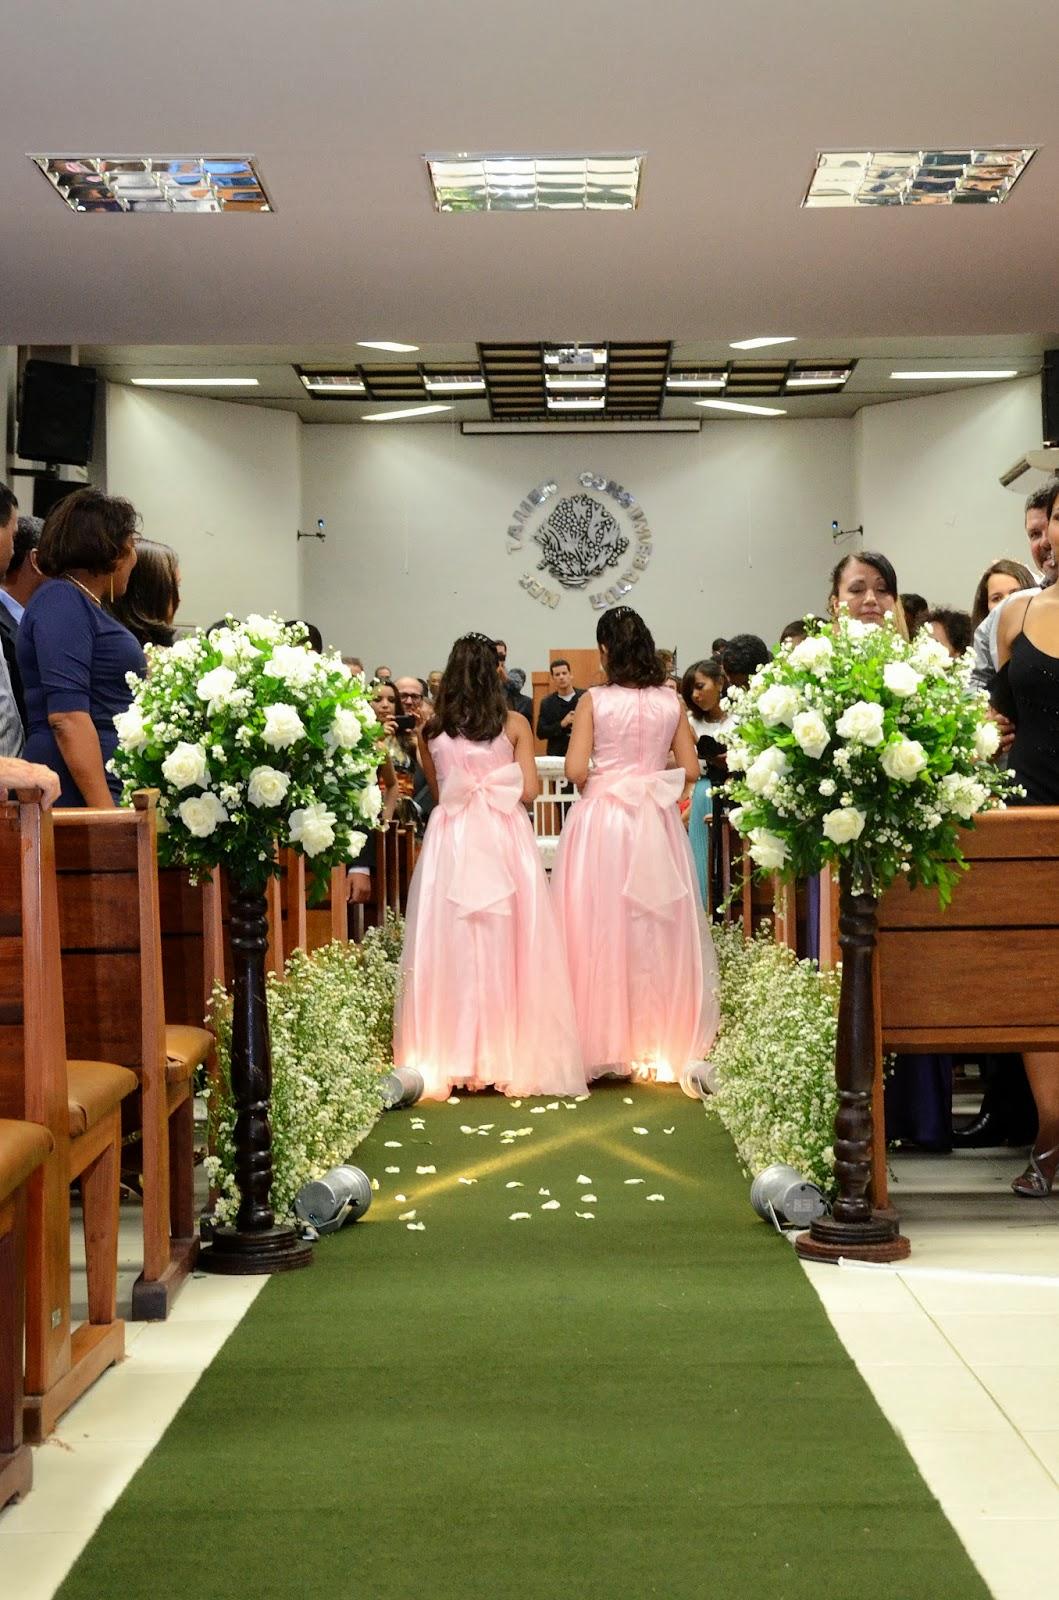 cerimônia - entrada daminhas - daminhas - damas - decoração igreja